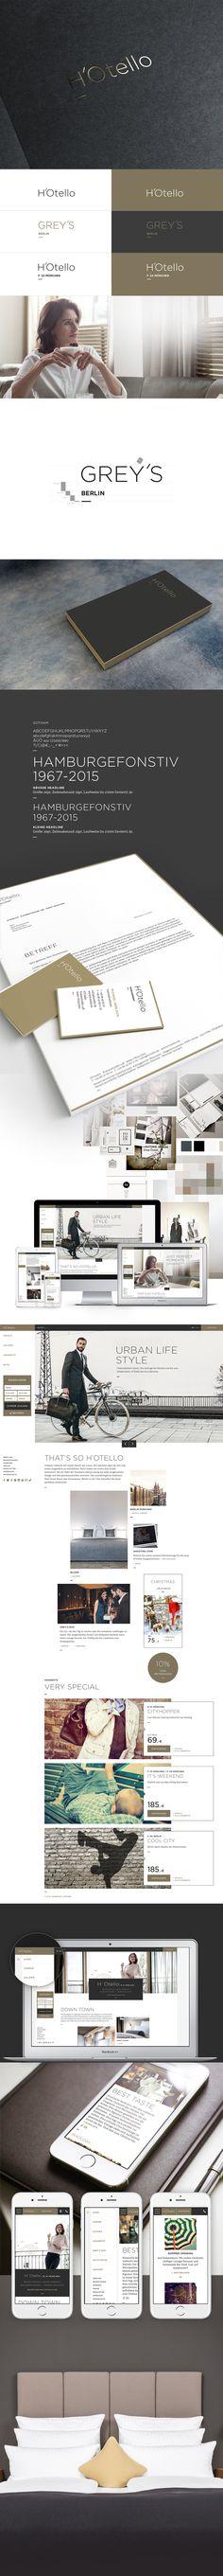 H'Otello - Branding & Webdesign on Behance